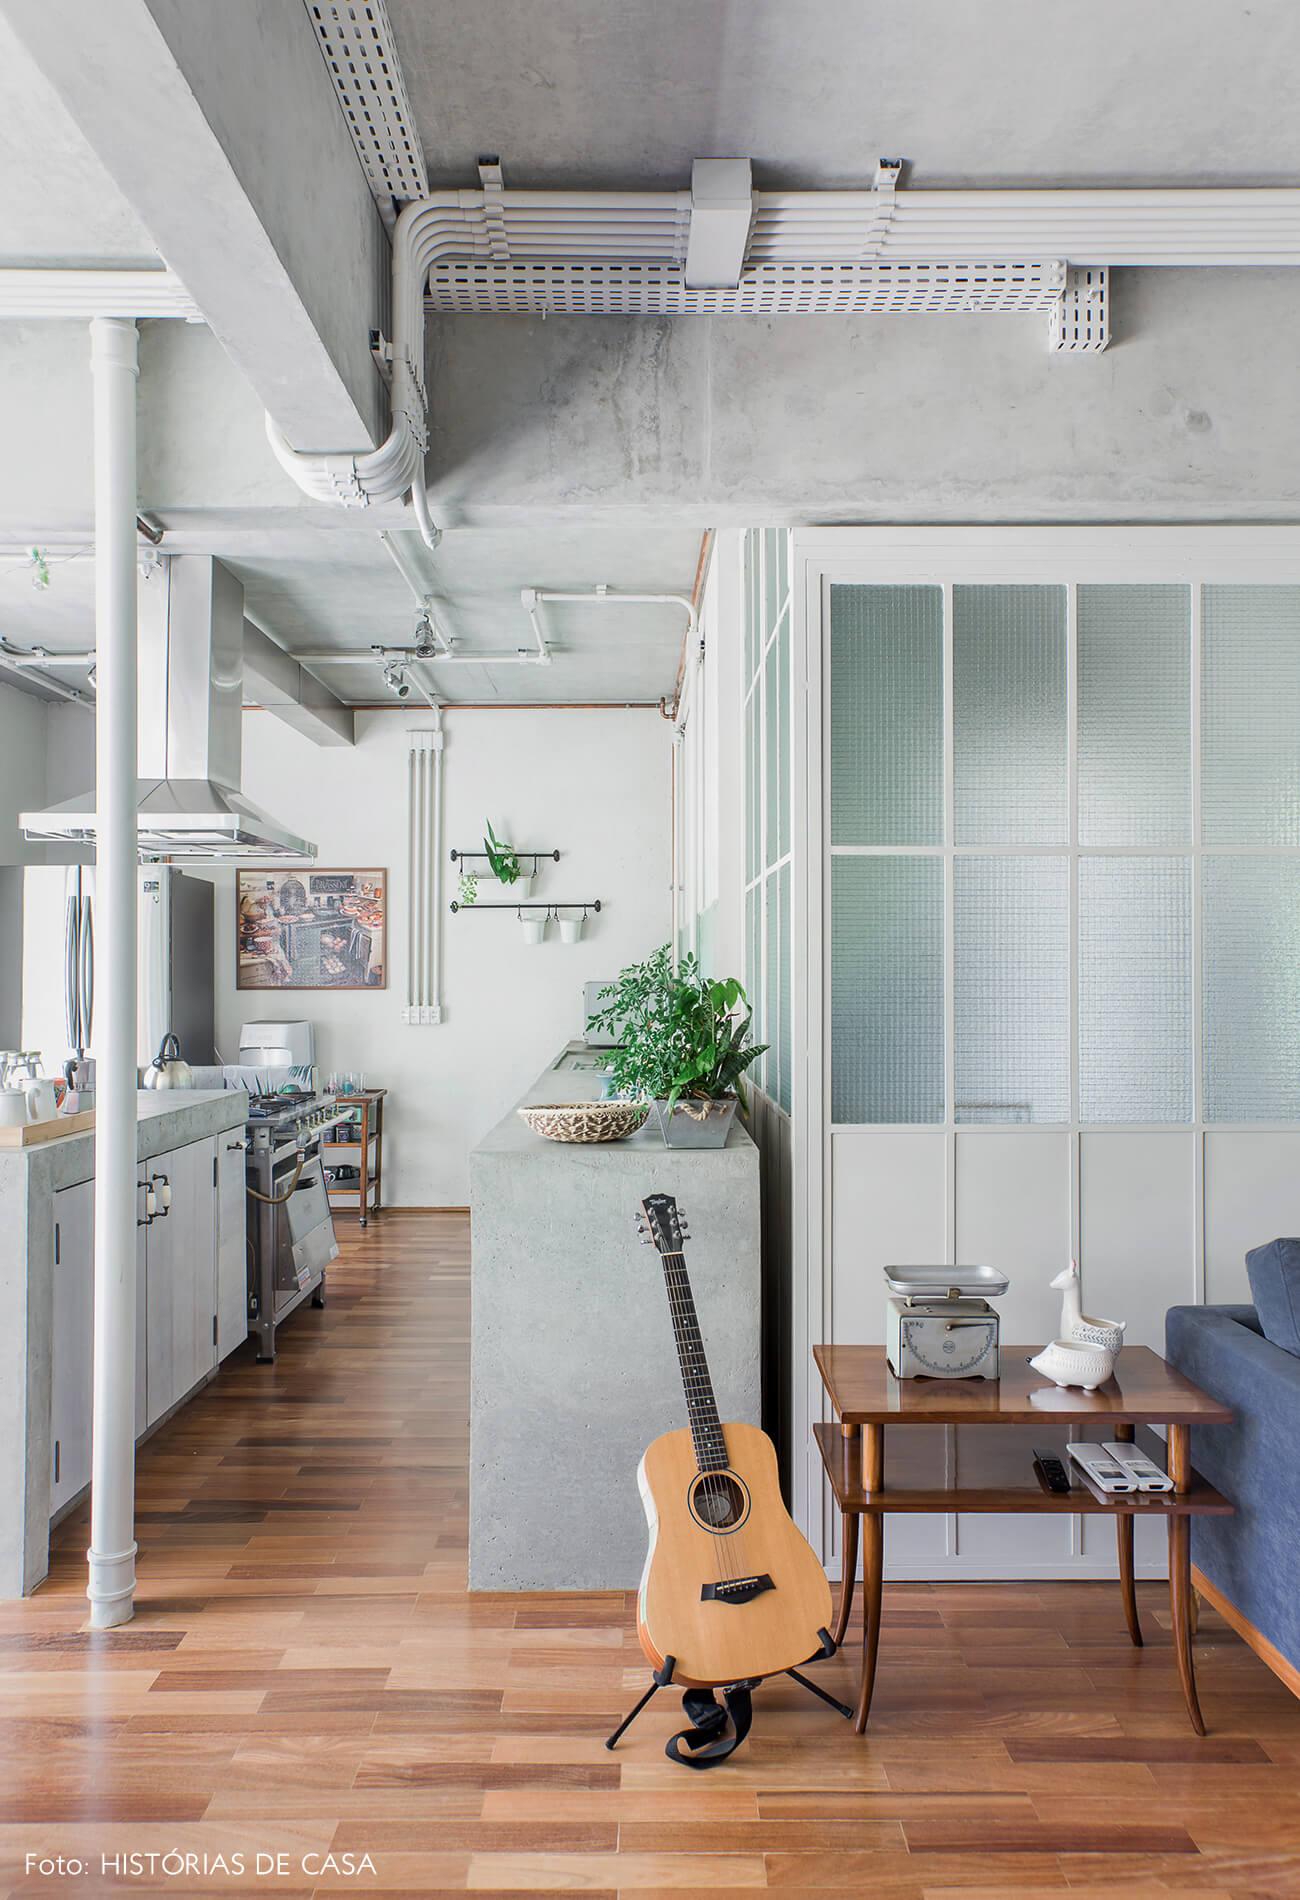 Apartamento com sala integrada e cozinha com bancada de concreto